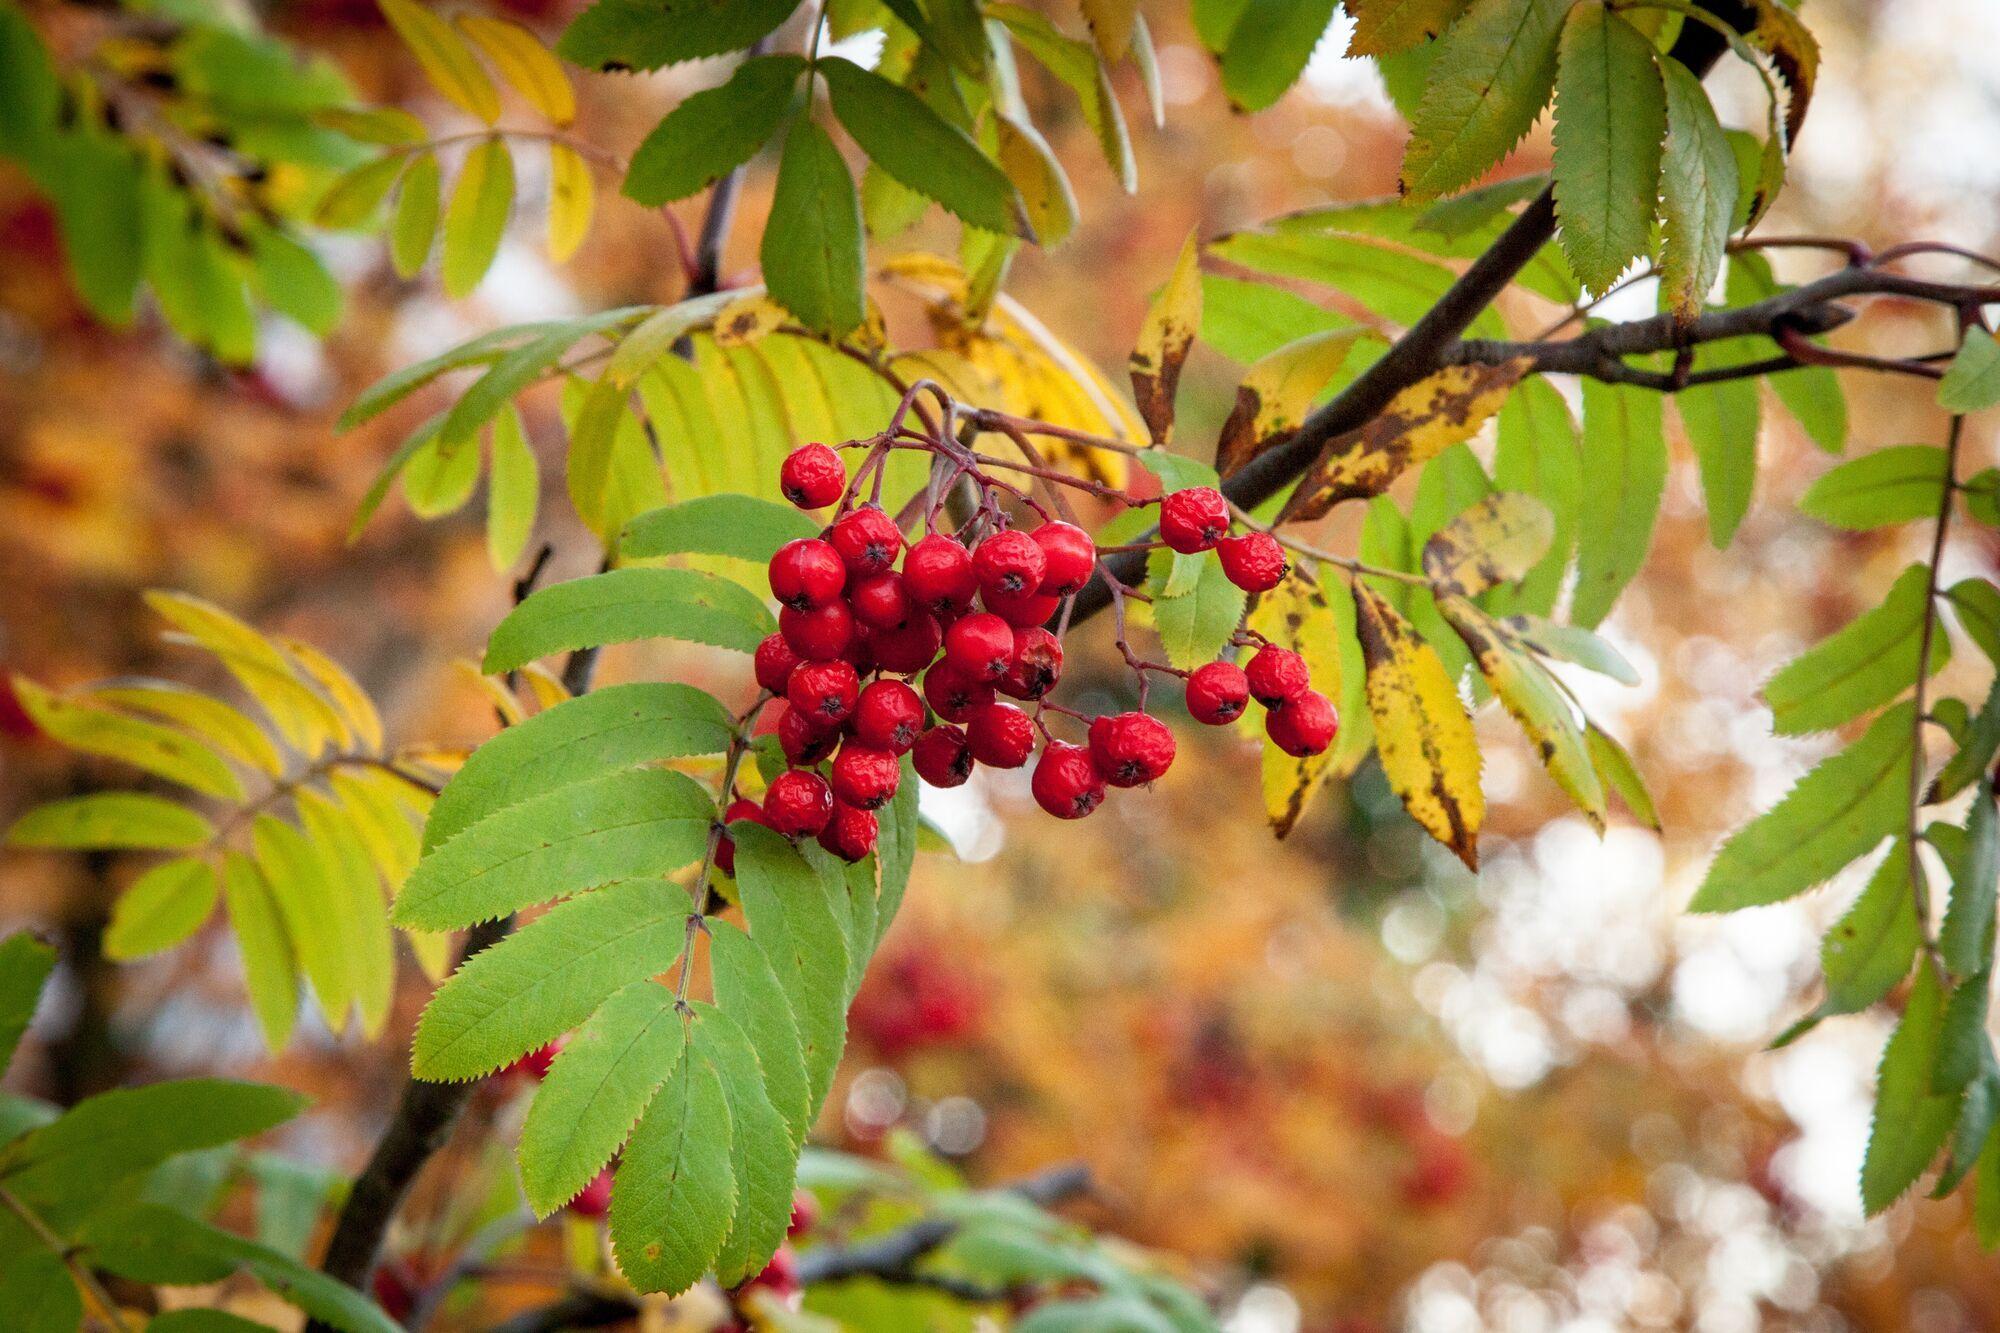 День осеннего равноденствия у наших предков был еще Днем рябины